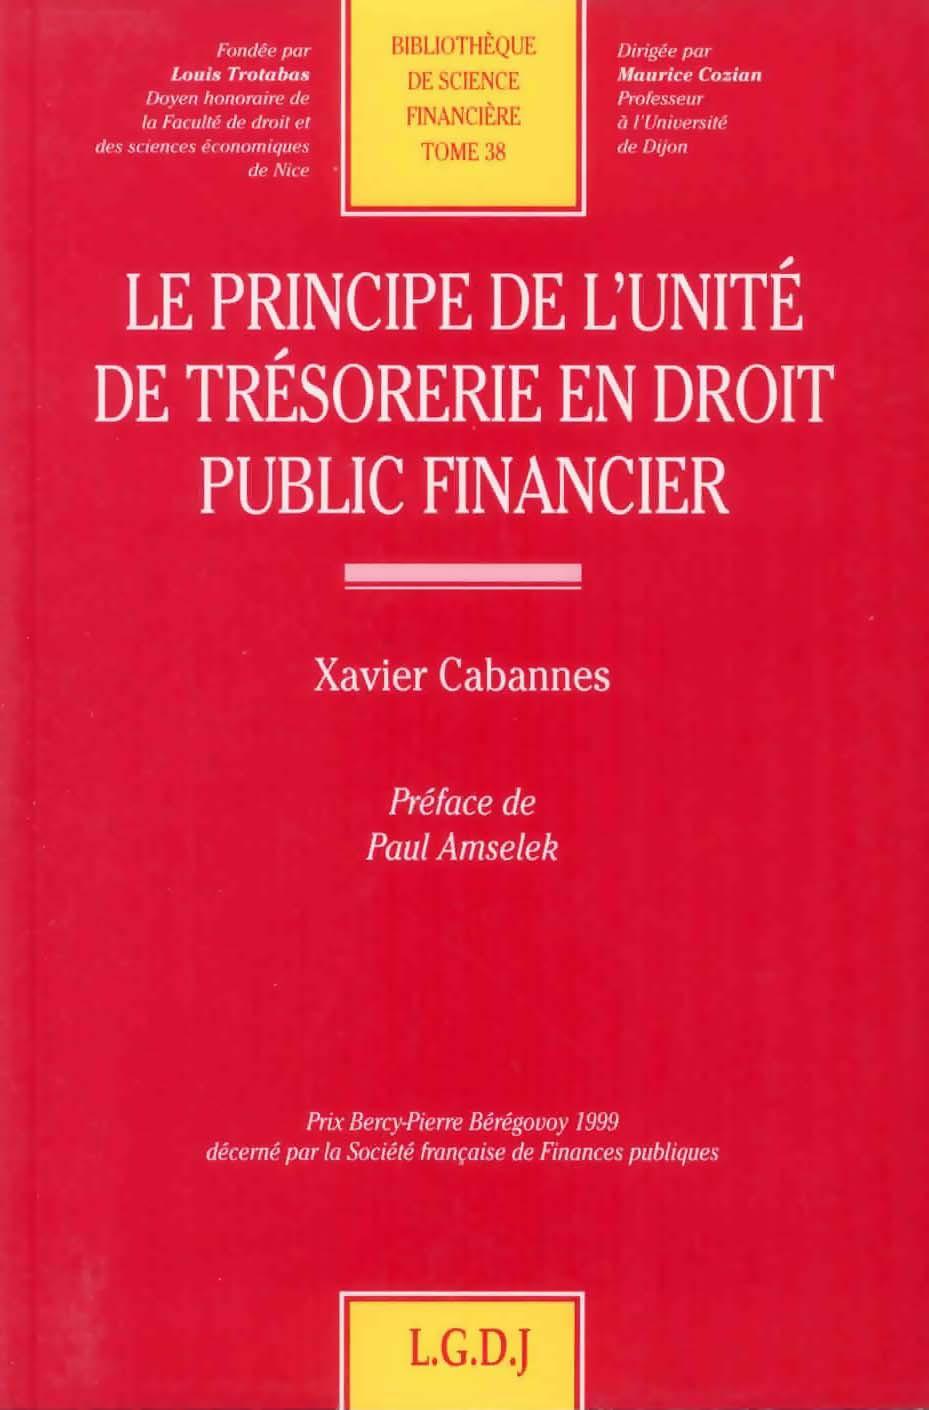 Le principe de l'unité de trésorerie en droit public financier